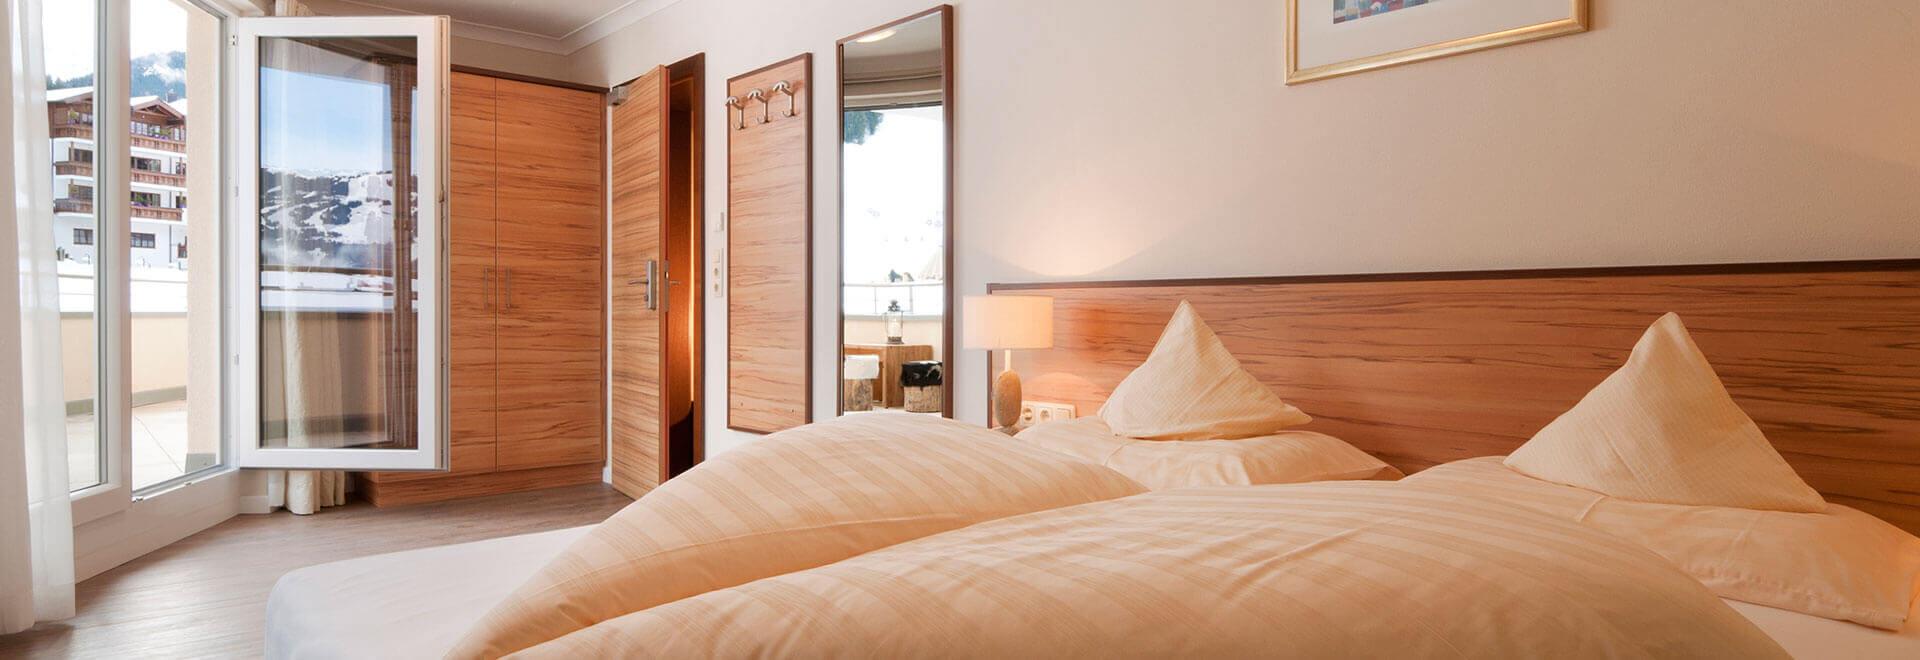 Zimmer/Rooms in Hotel Schackner